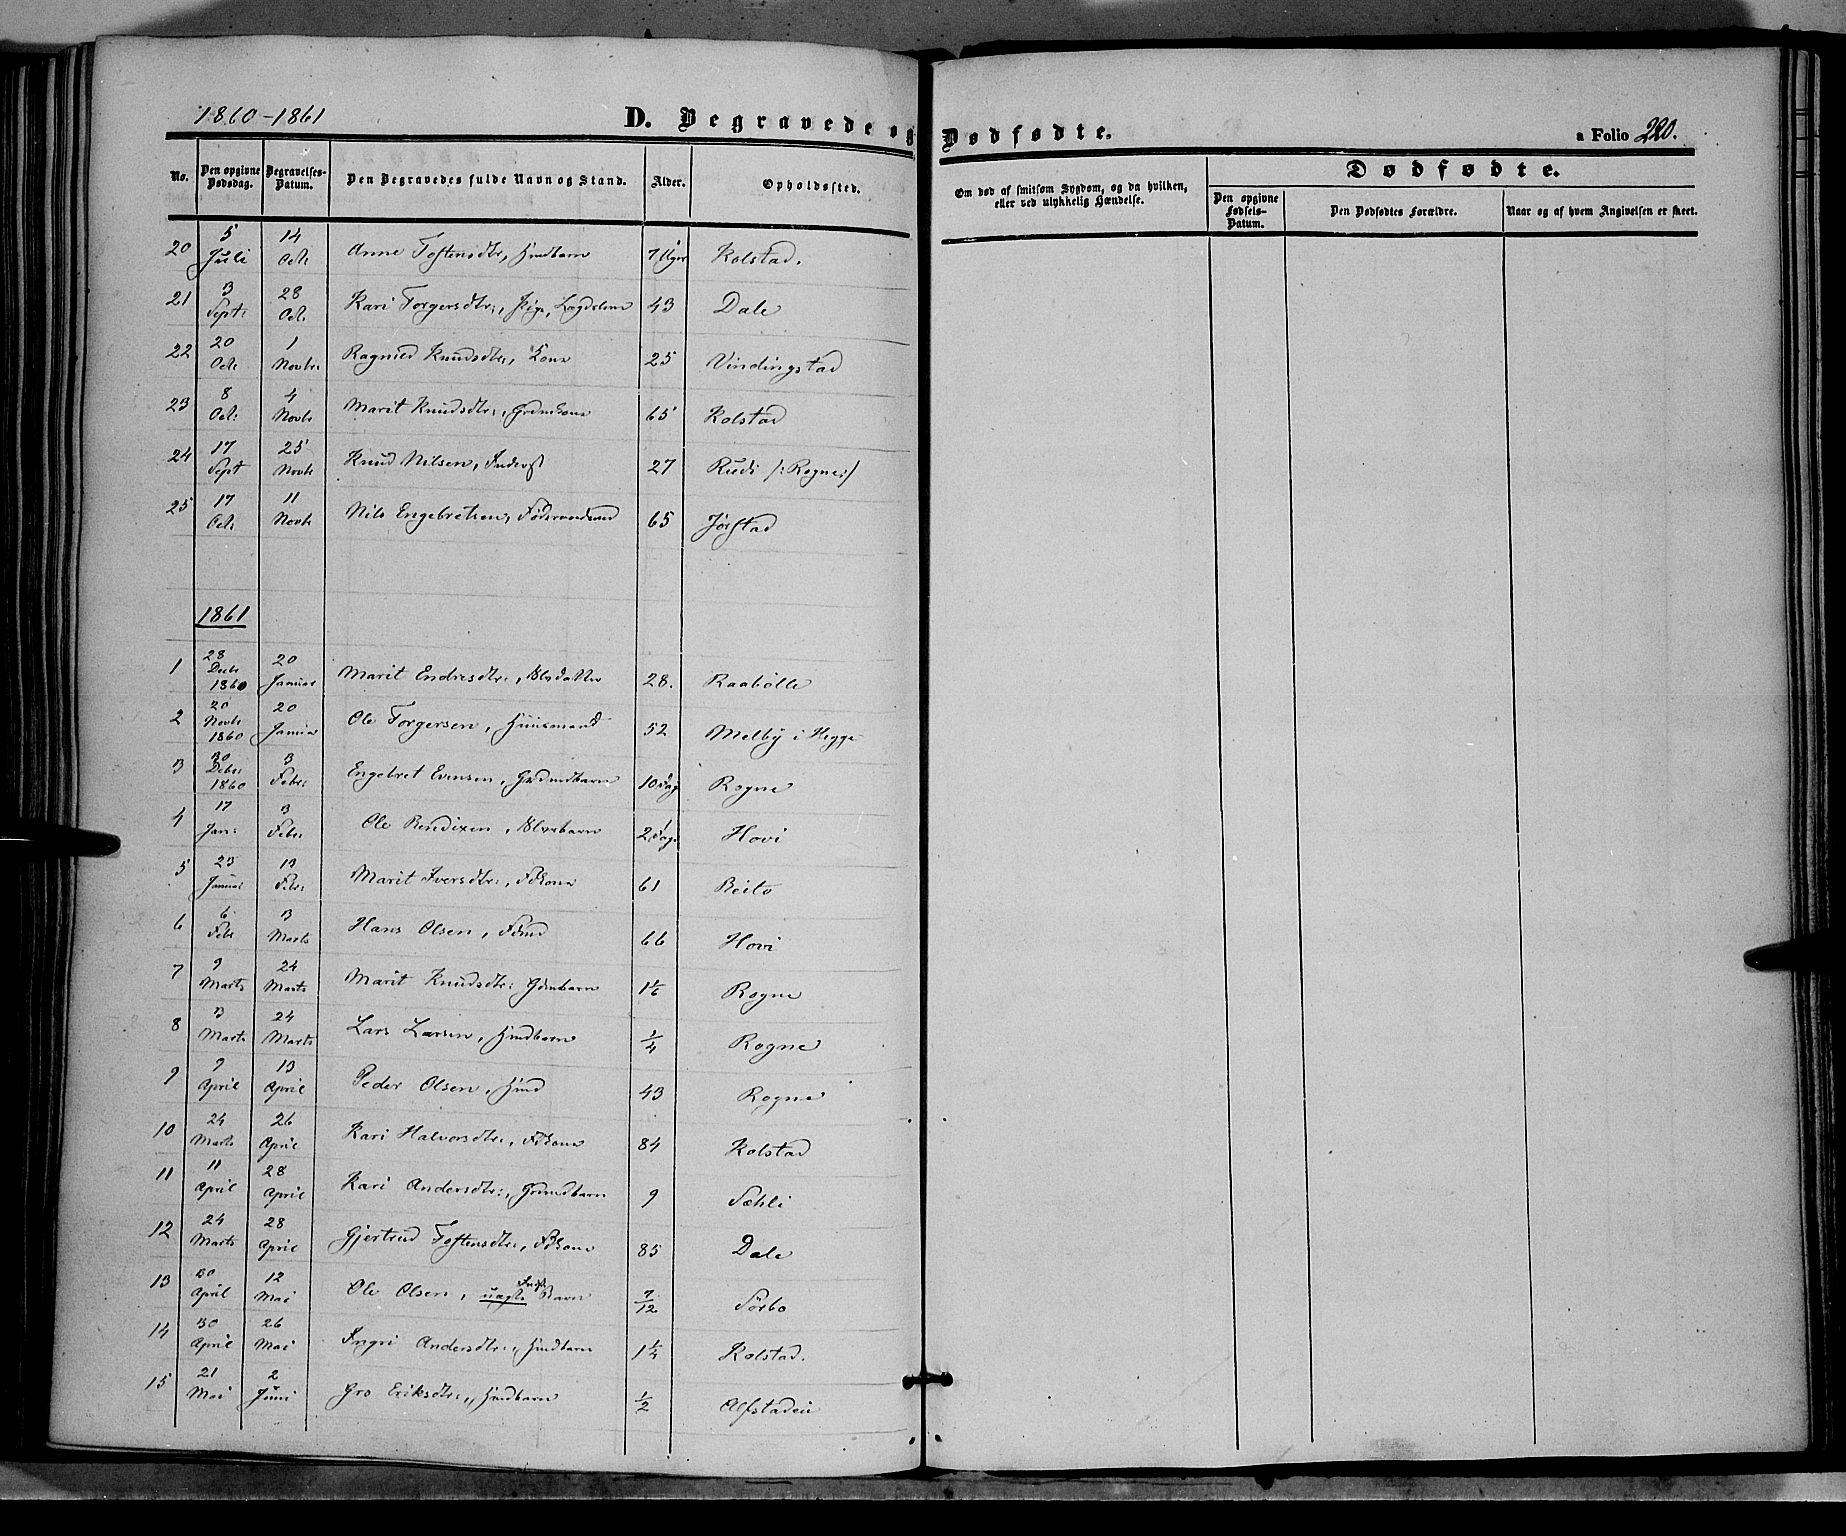 SAH, Øystre Slidre prestekontor, Ministerialbok nr. 1, 1849-1874, s. 220